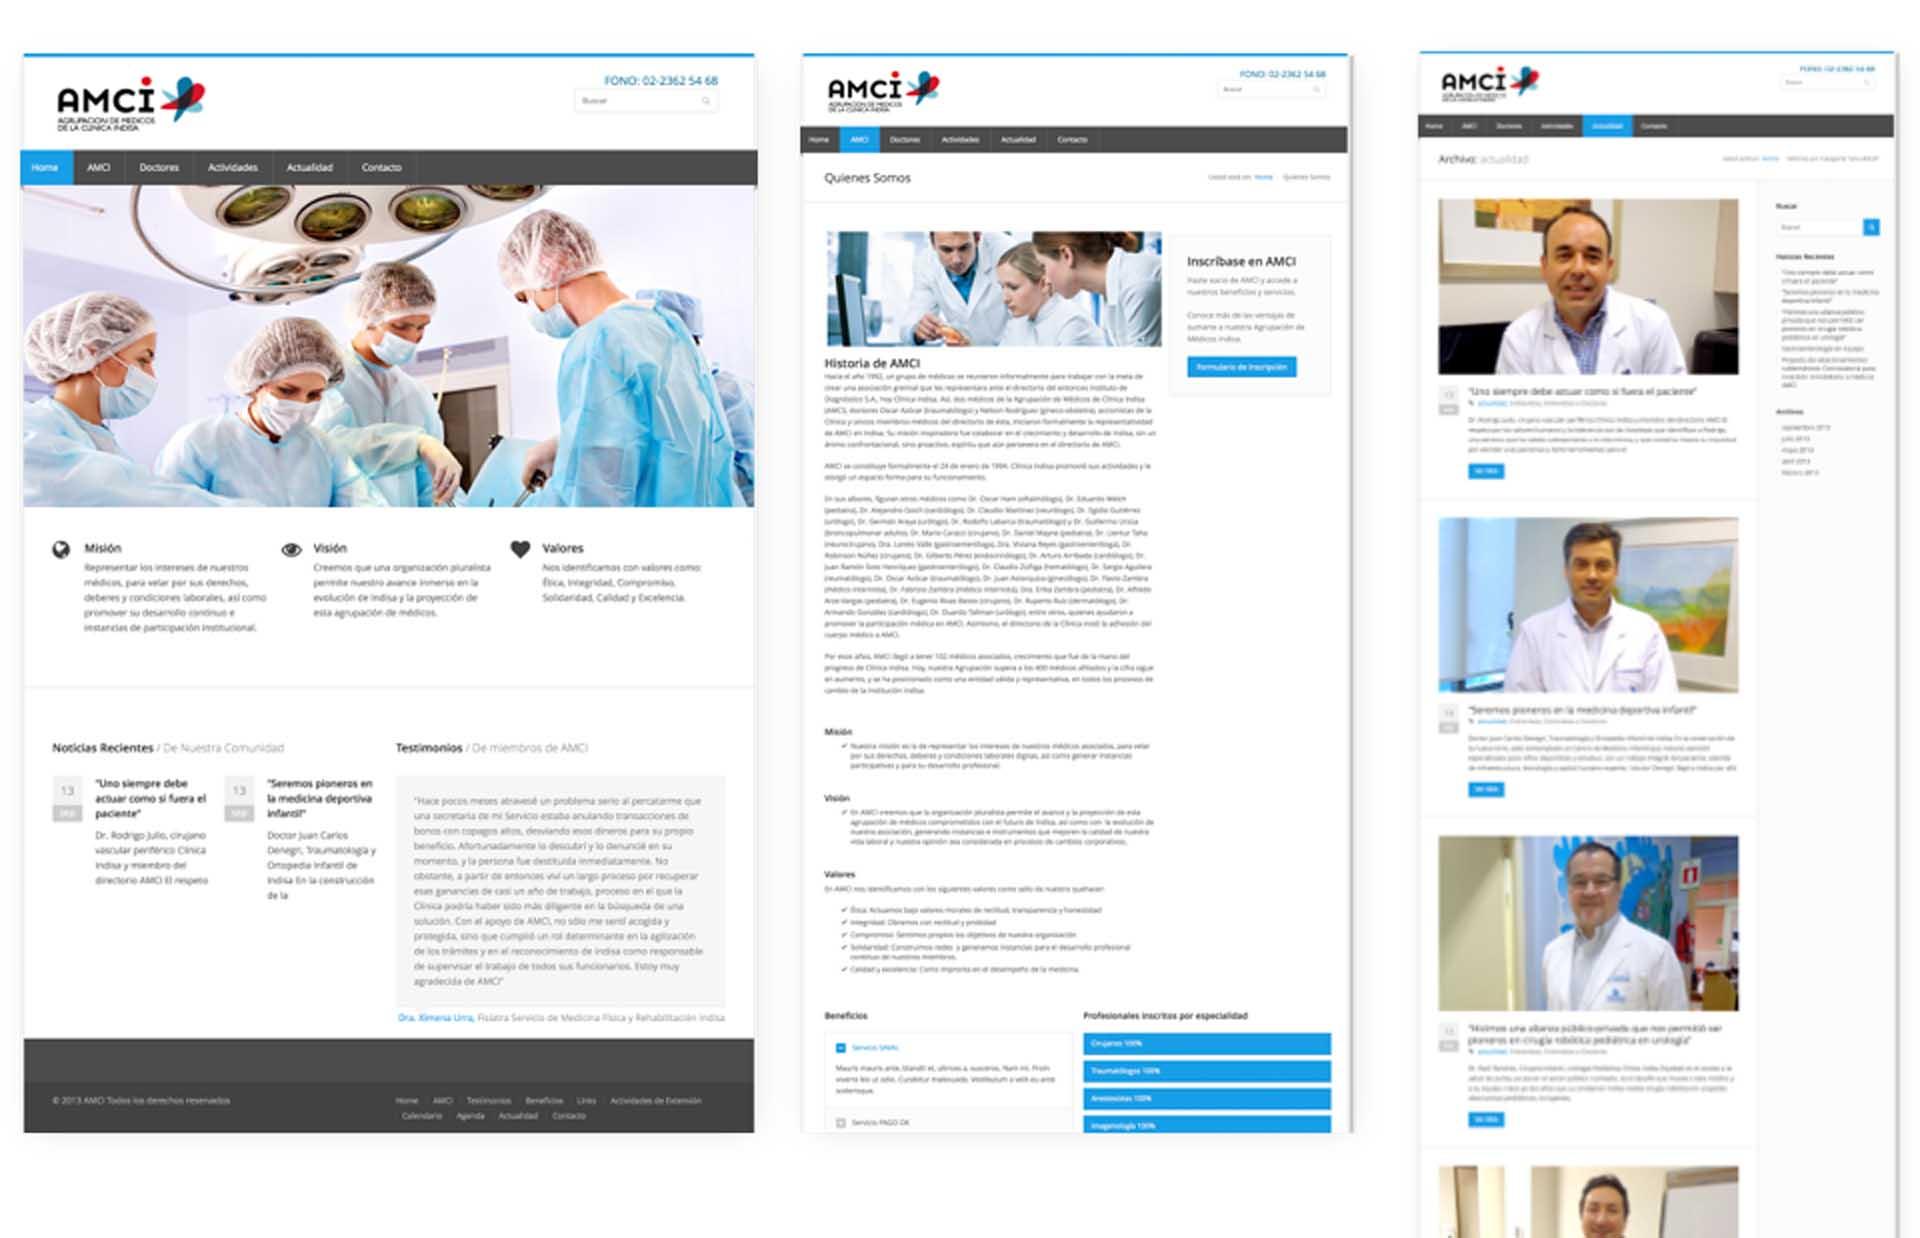 AMCI: Asociación de médicos Clínica Indisa: Asesoría y desarrollo tecnológico